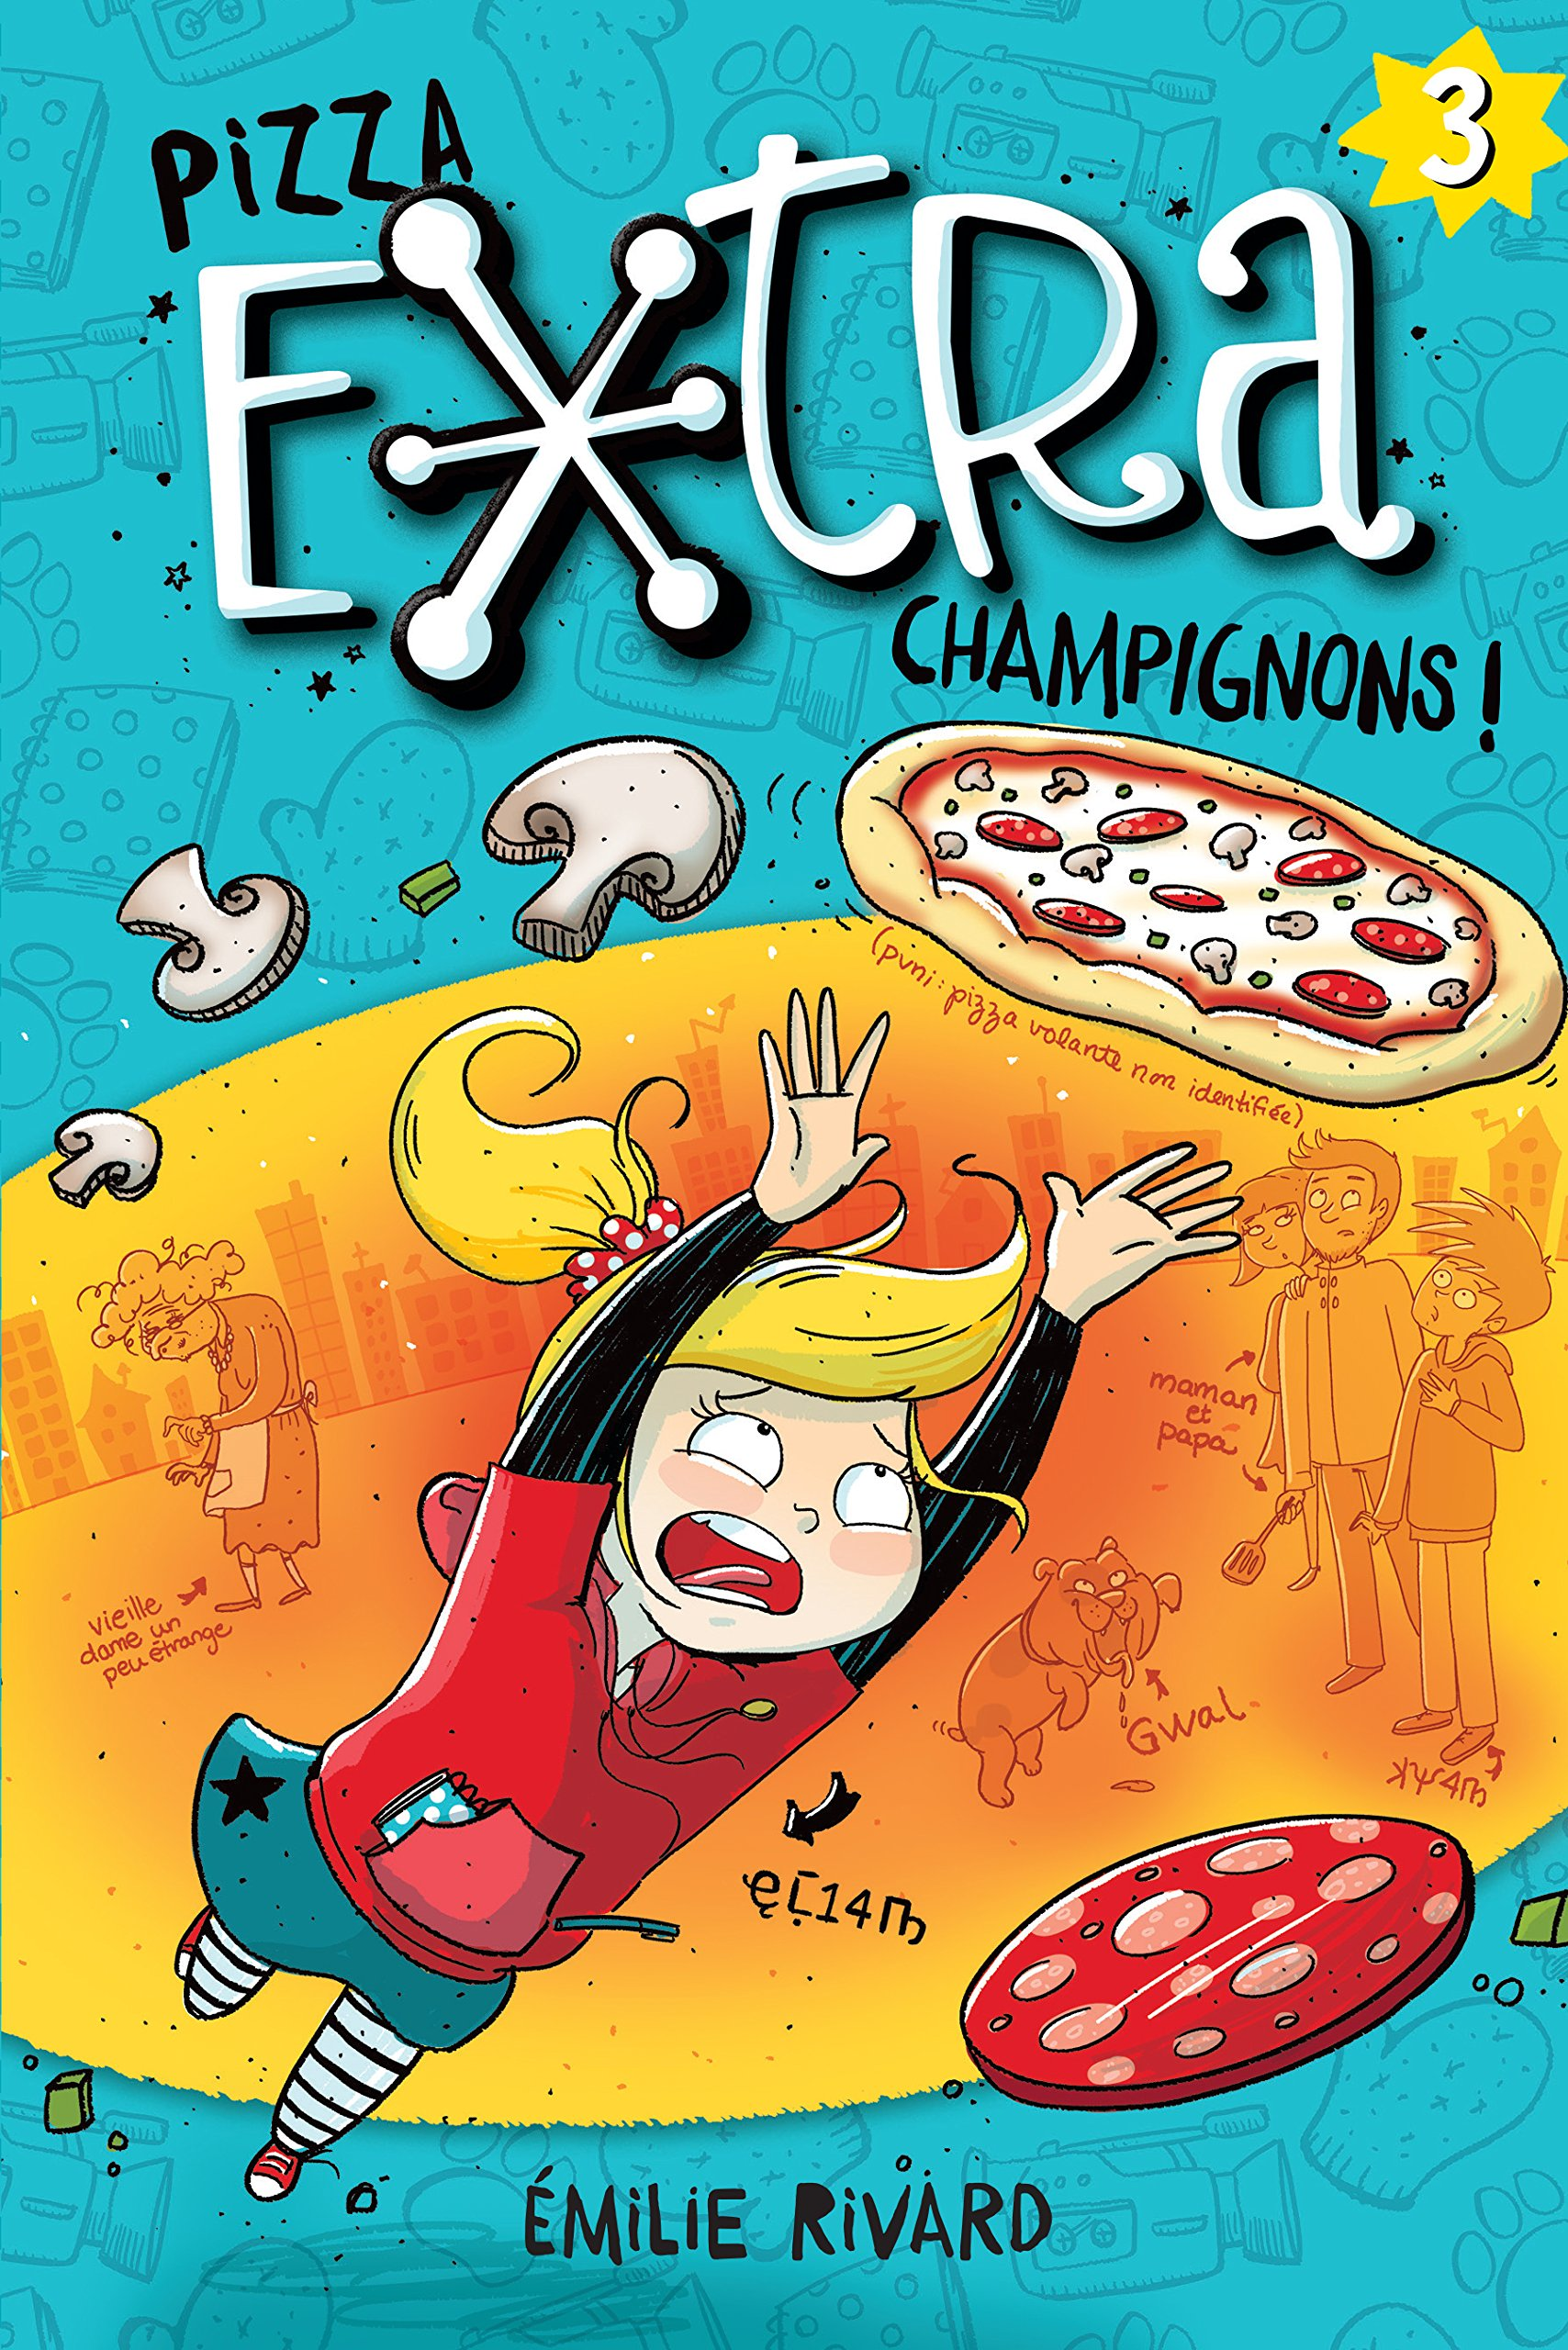 Pizza e[x]tra champignons!